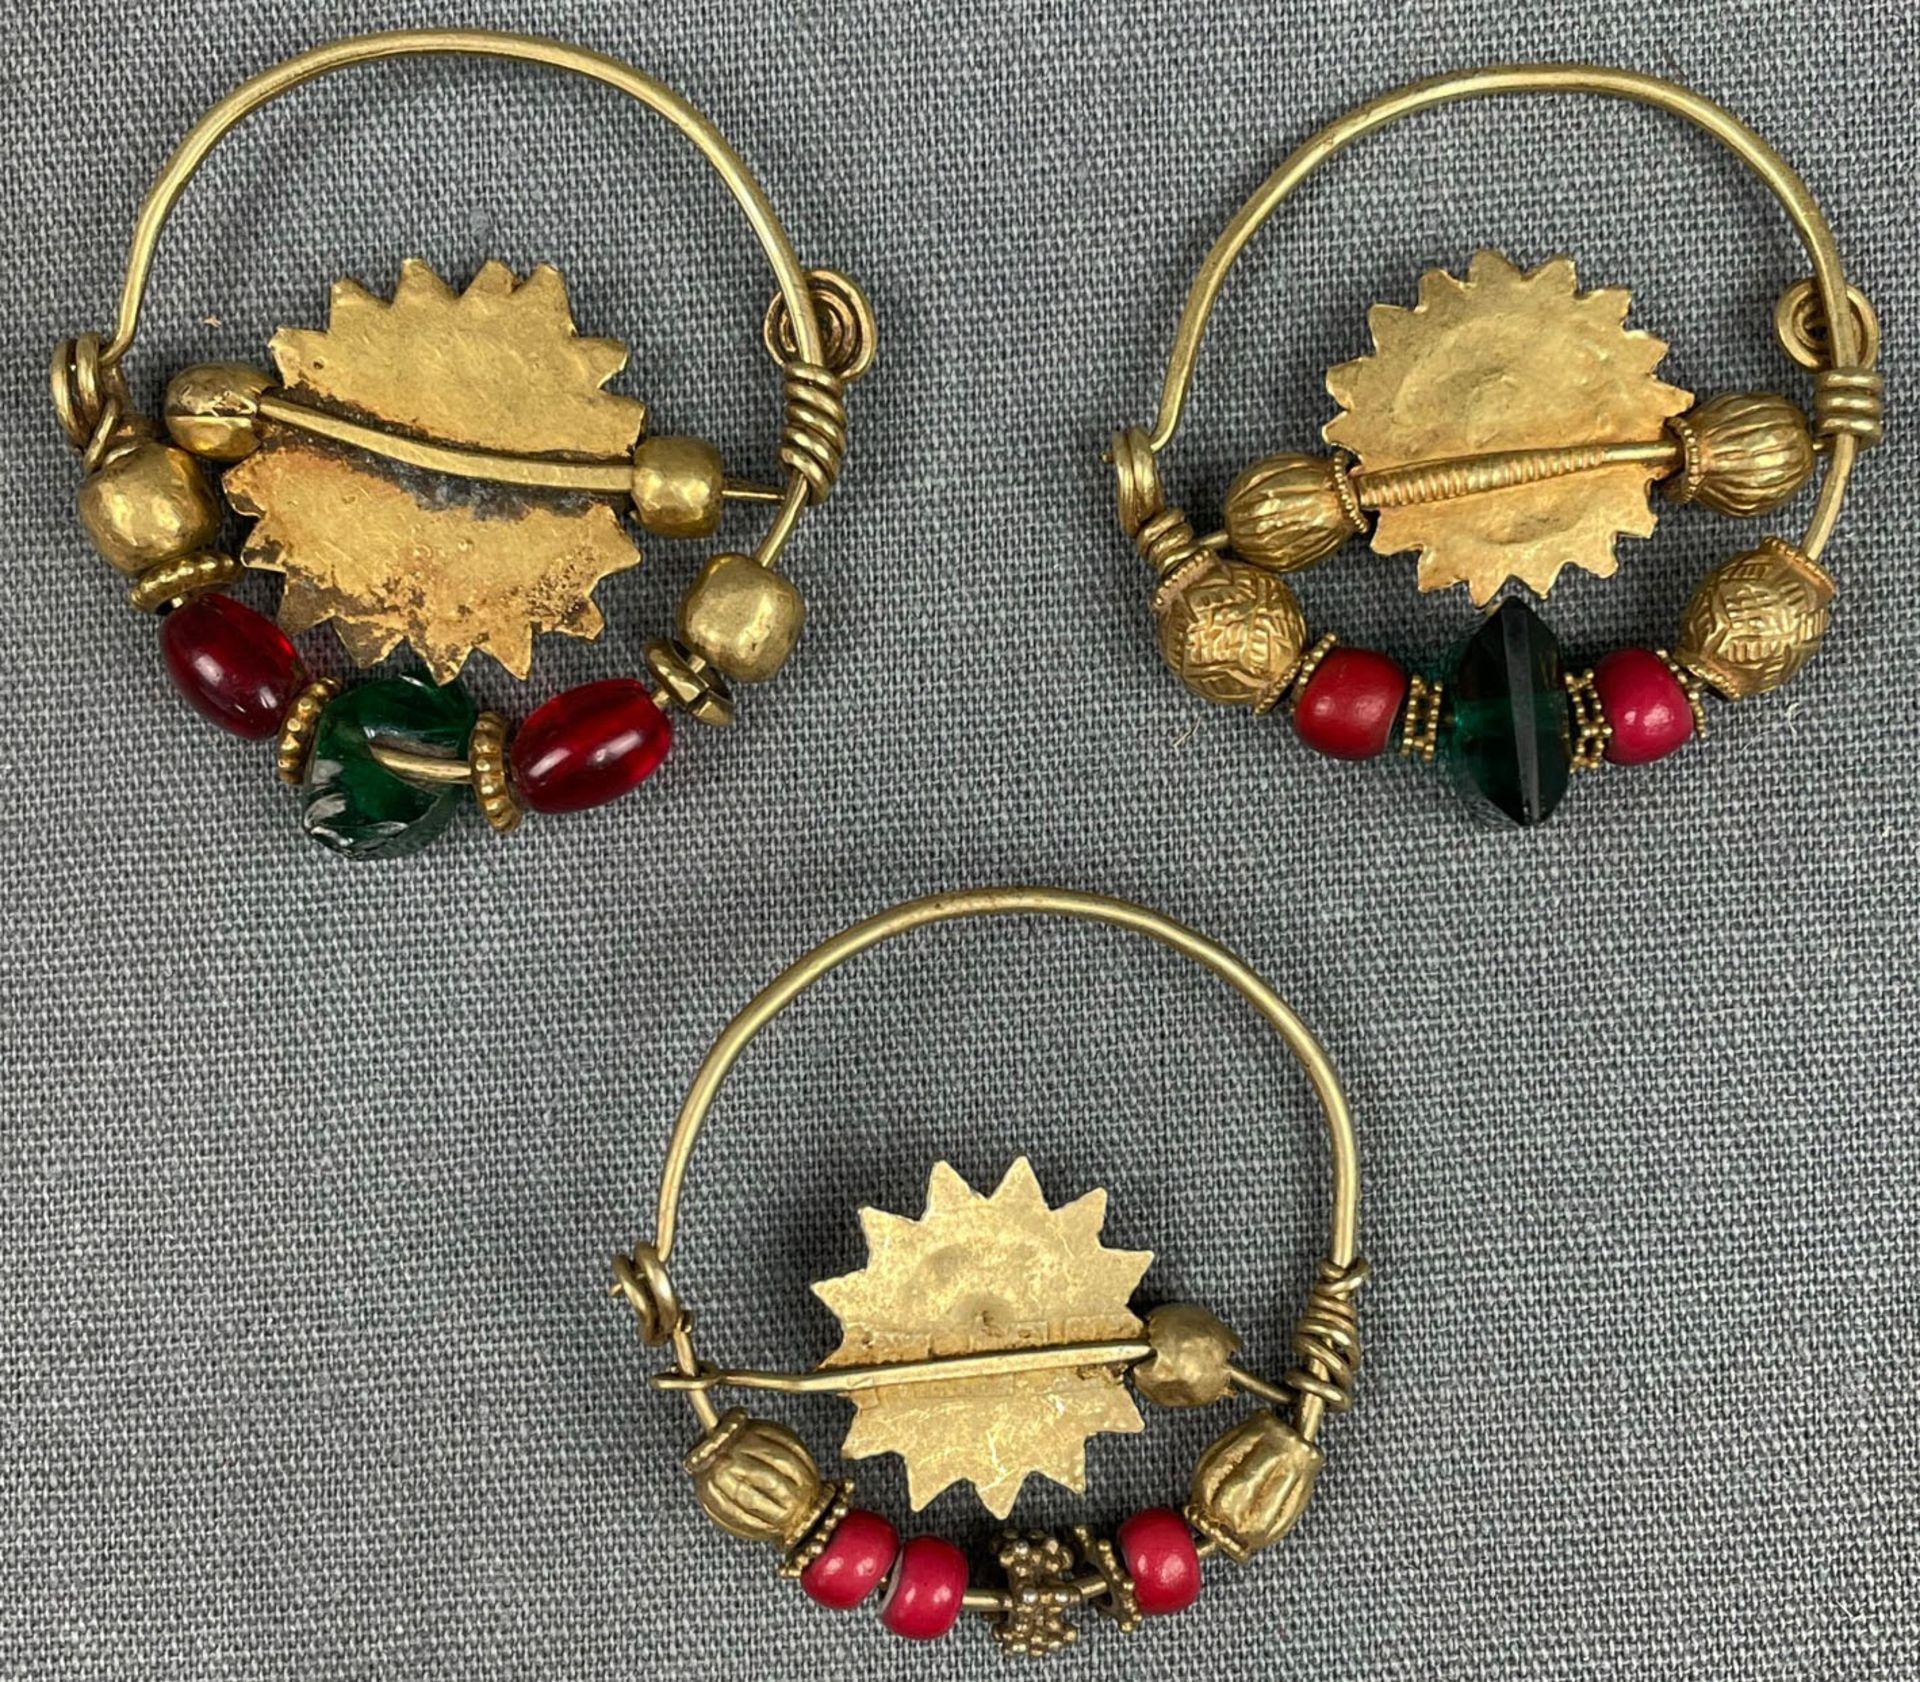 3 Anhänger, Ohrschmuck? Wohl Mogul Indien antik. Gold. - Image 2 of 10